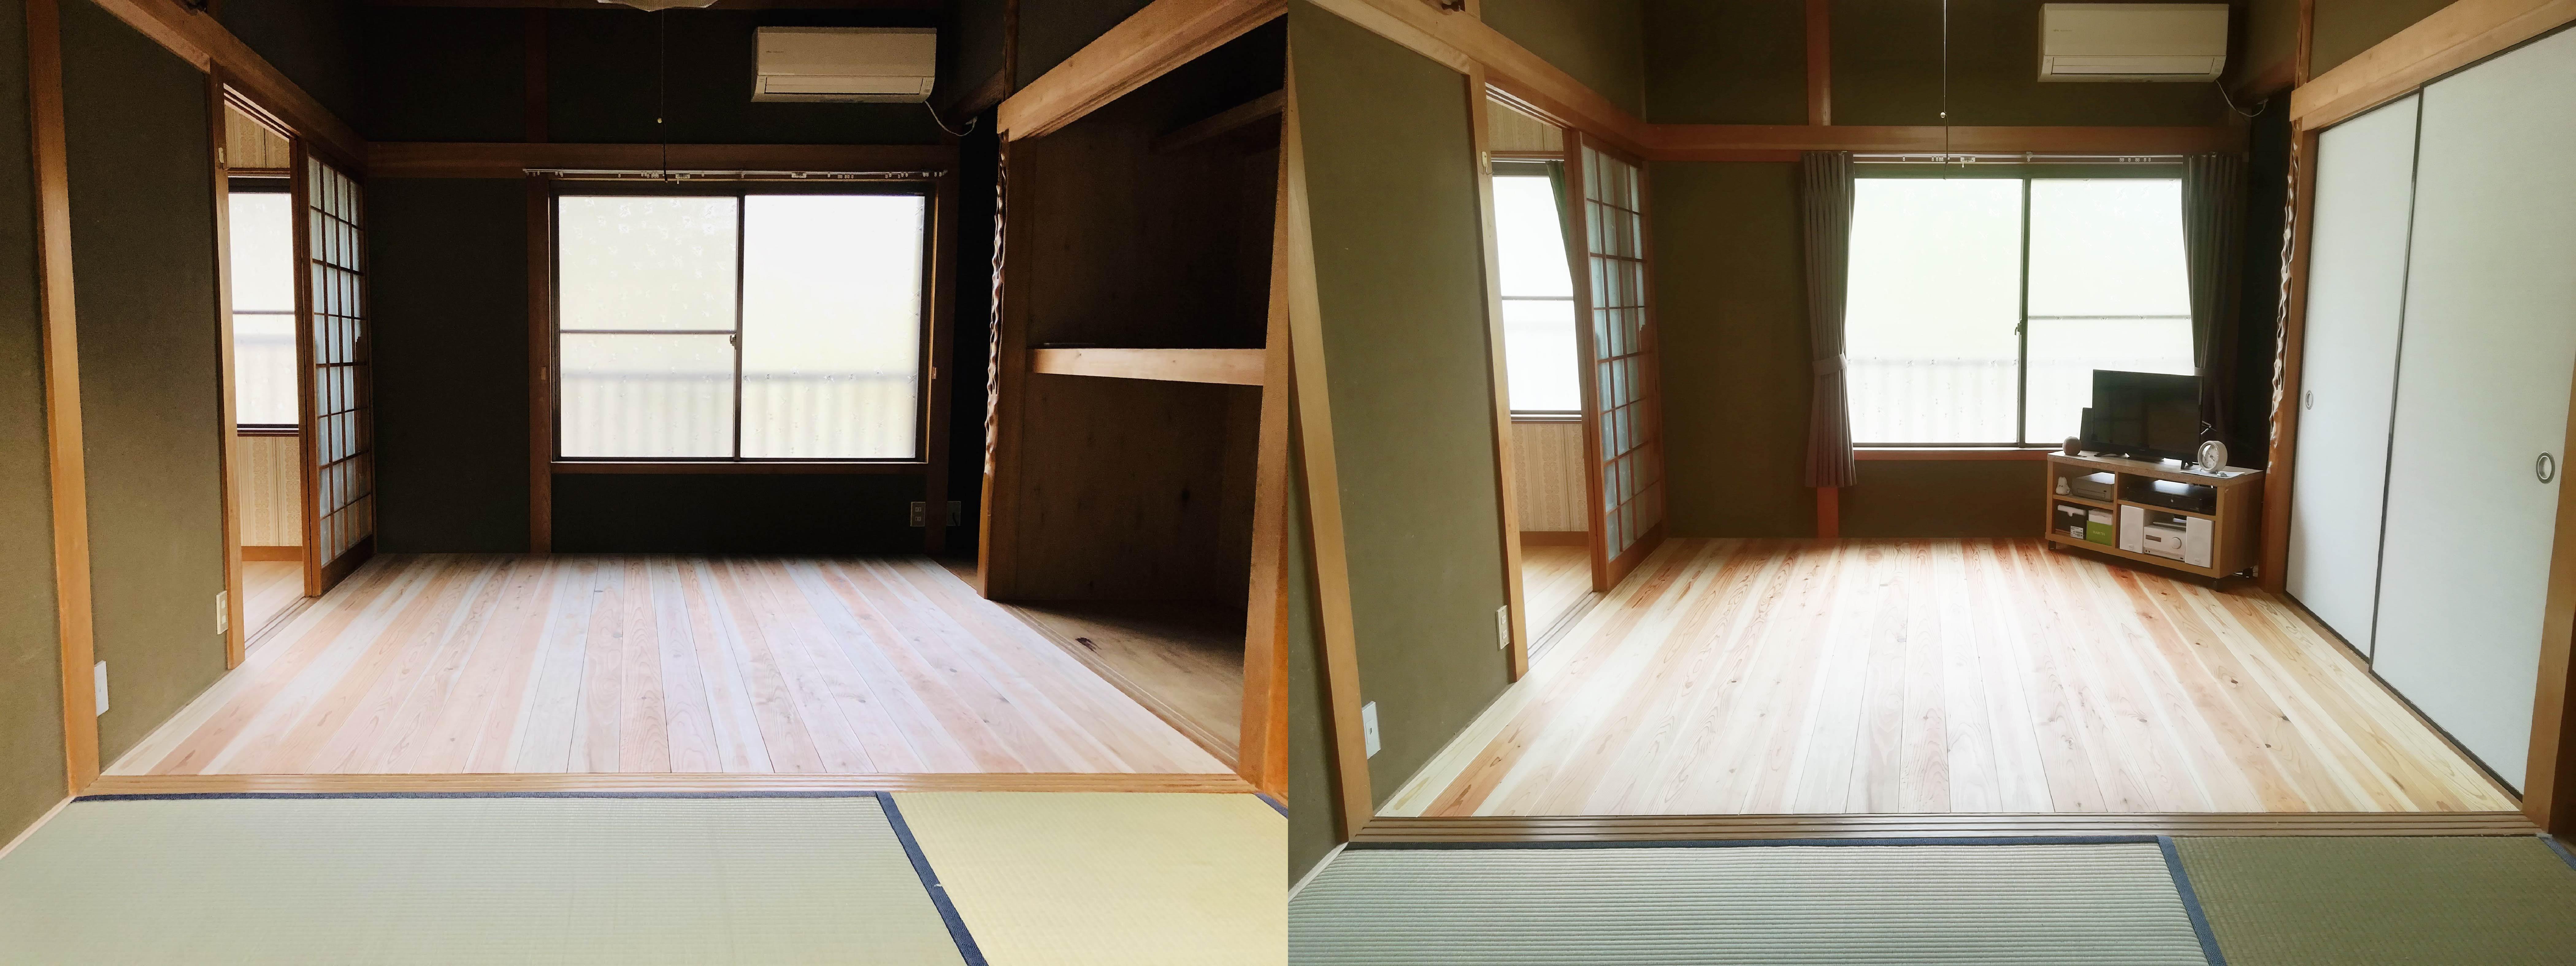 スギのフローリング / 左:ワックスを塗る前 右:ワックスを塗った後